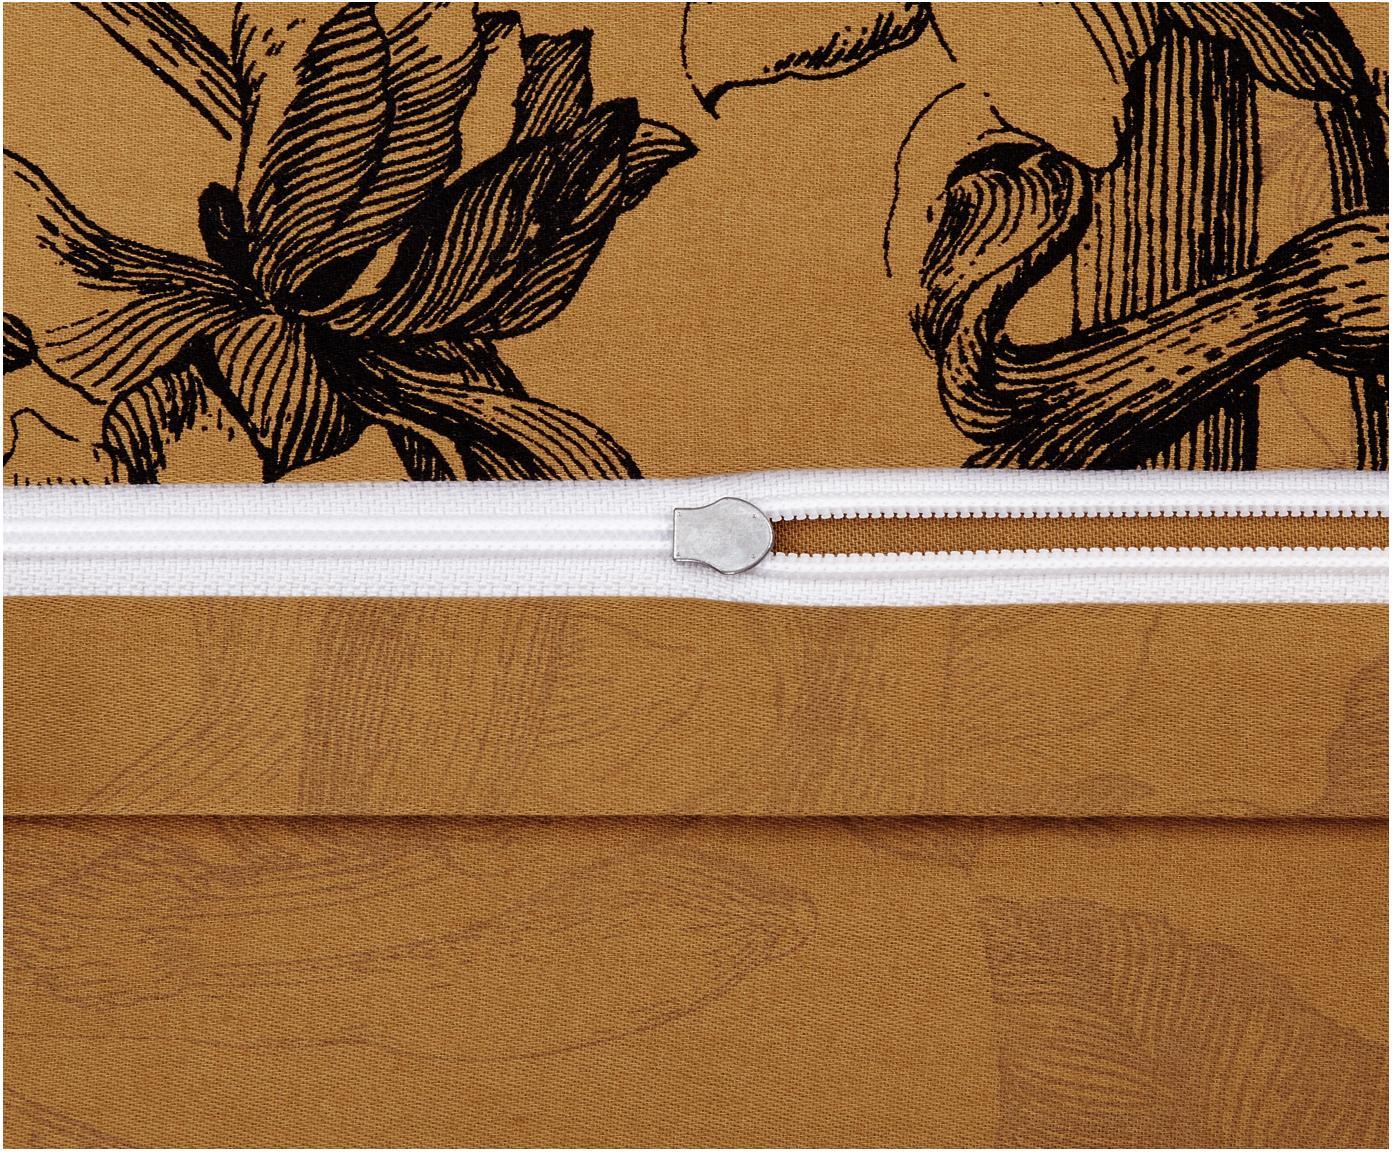 Dubbelzijdige katoensatijnen dekbedovertrek Vivienne, Weeftechniek: satijn, Okergeel, zwart, grijs, 260 x 220 cm